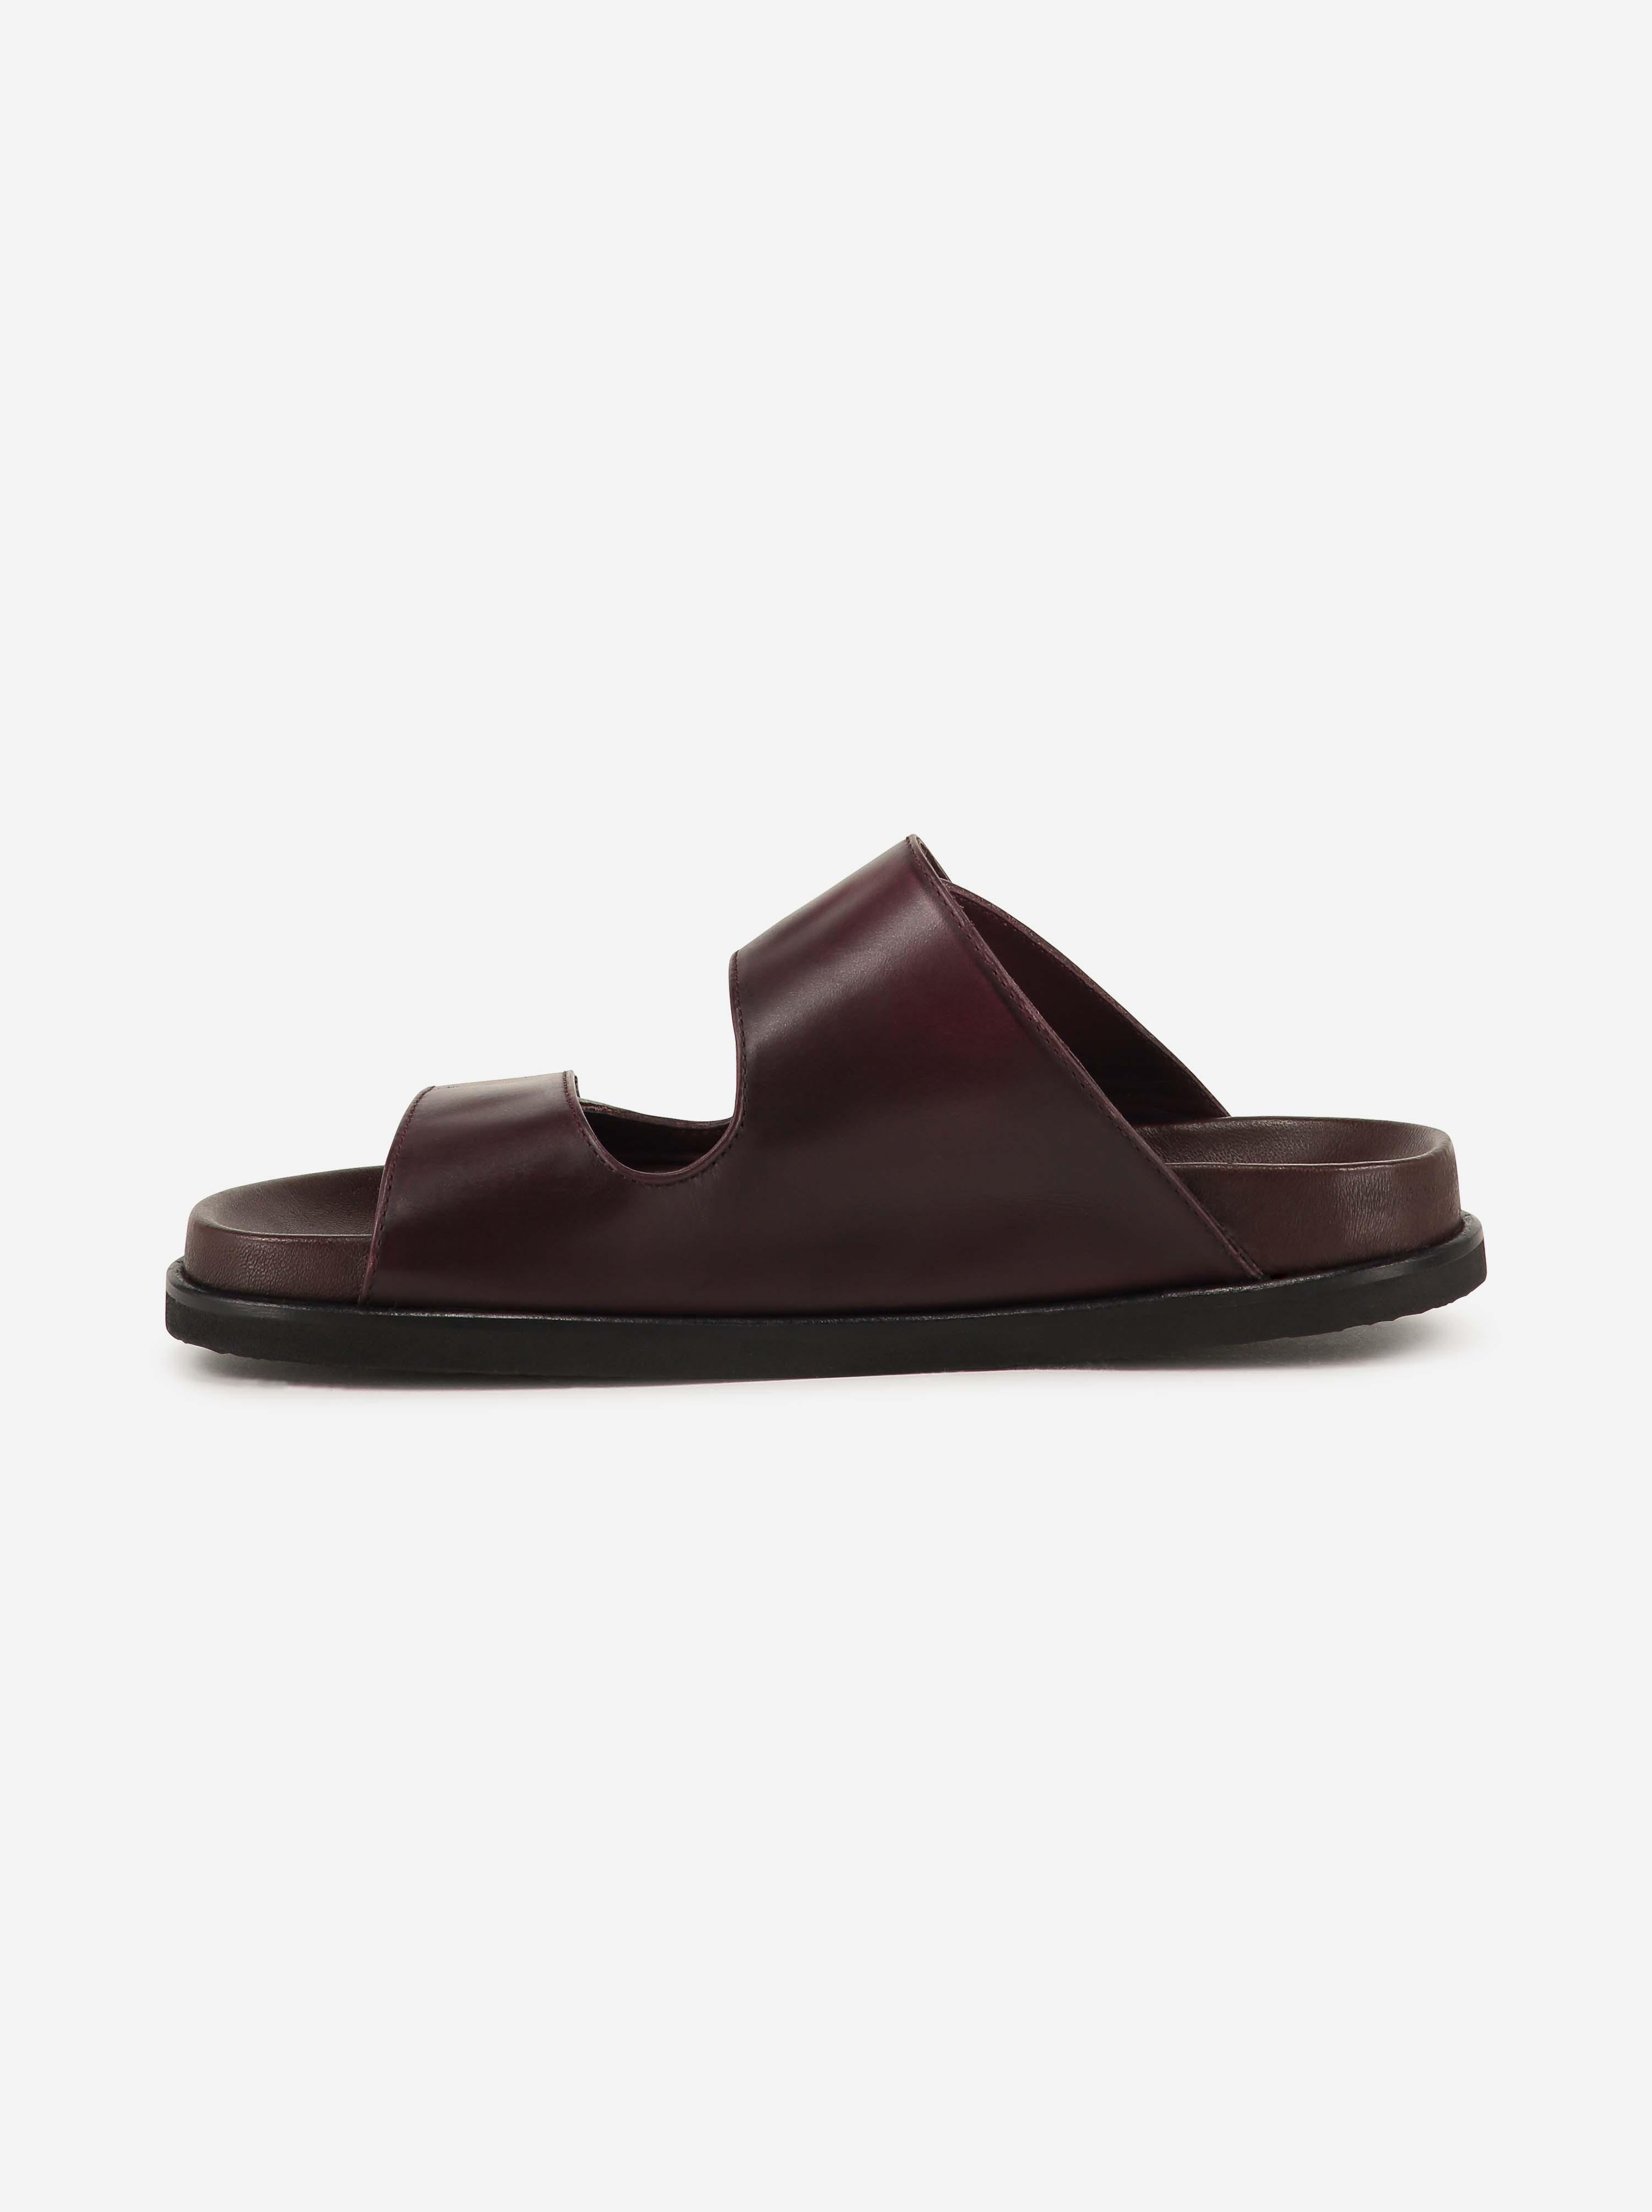 Teym - The Sandal - Burgundy - 2